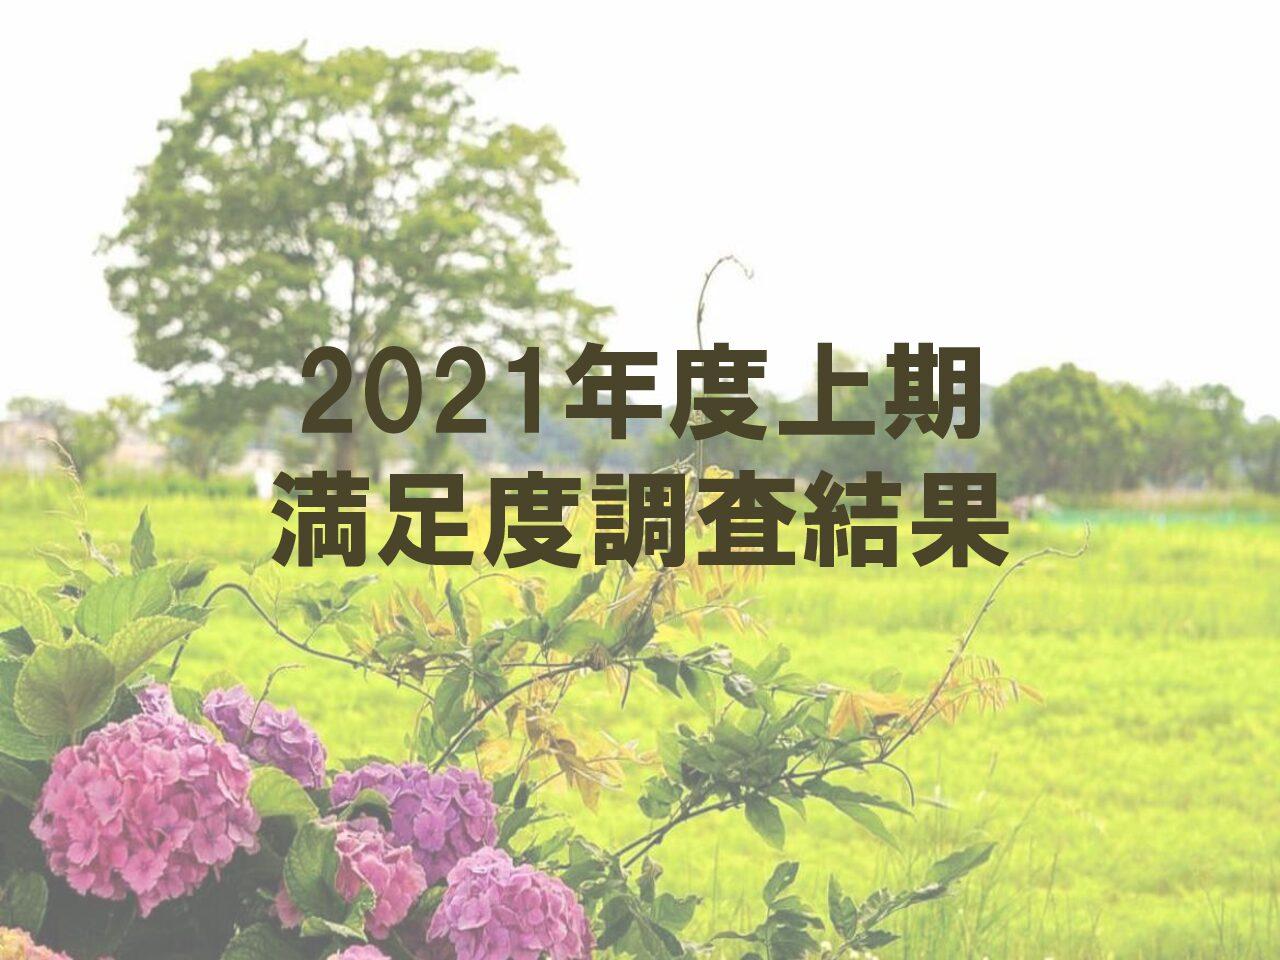 2021年度上期 満足度調査結果